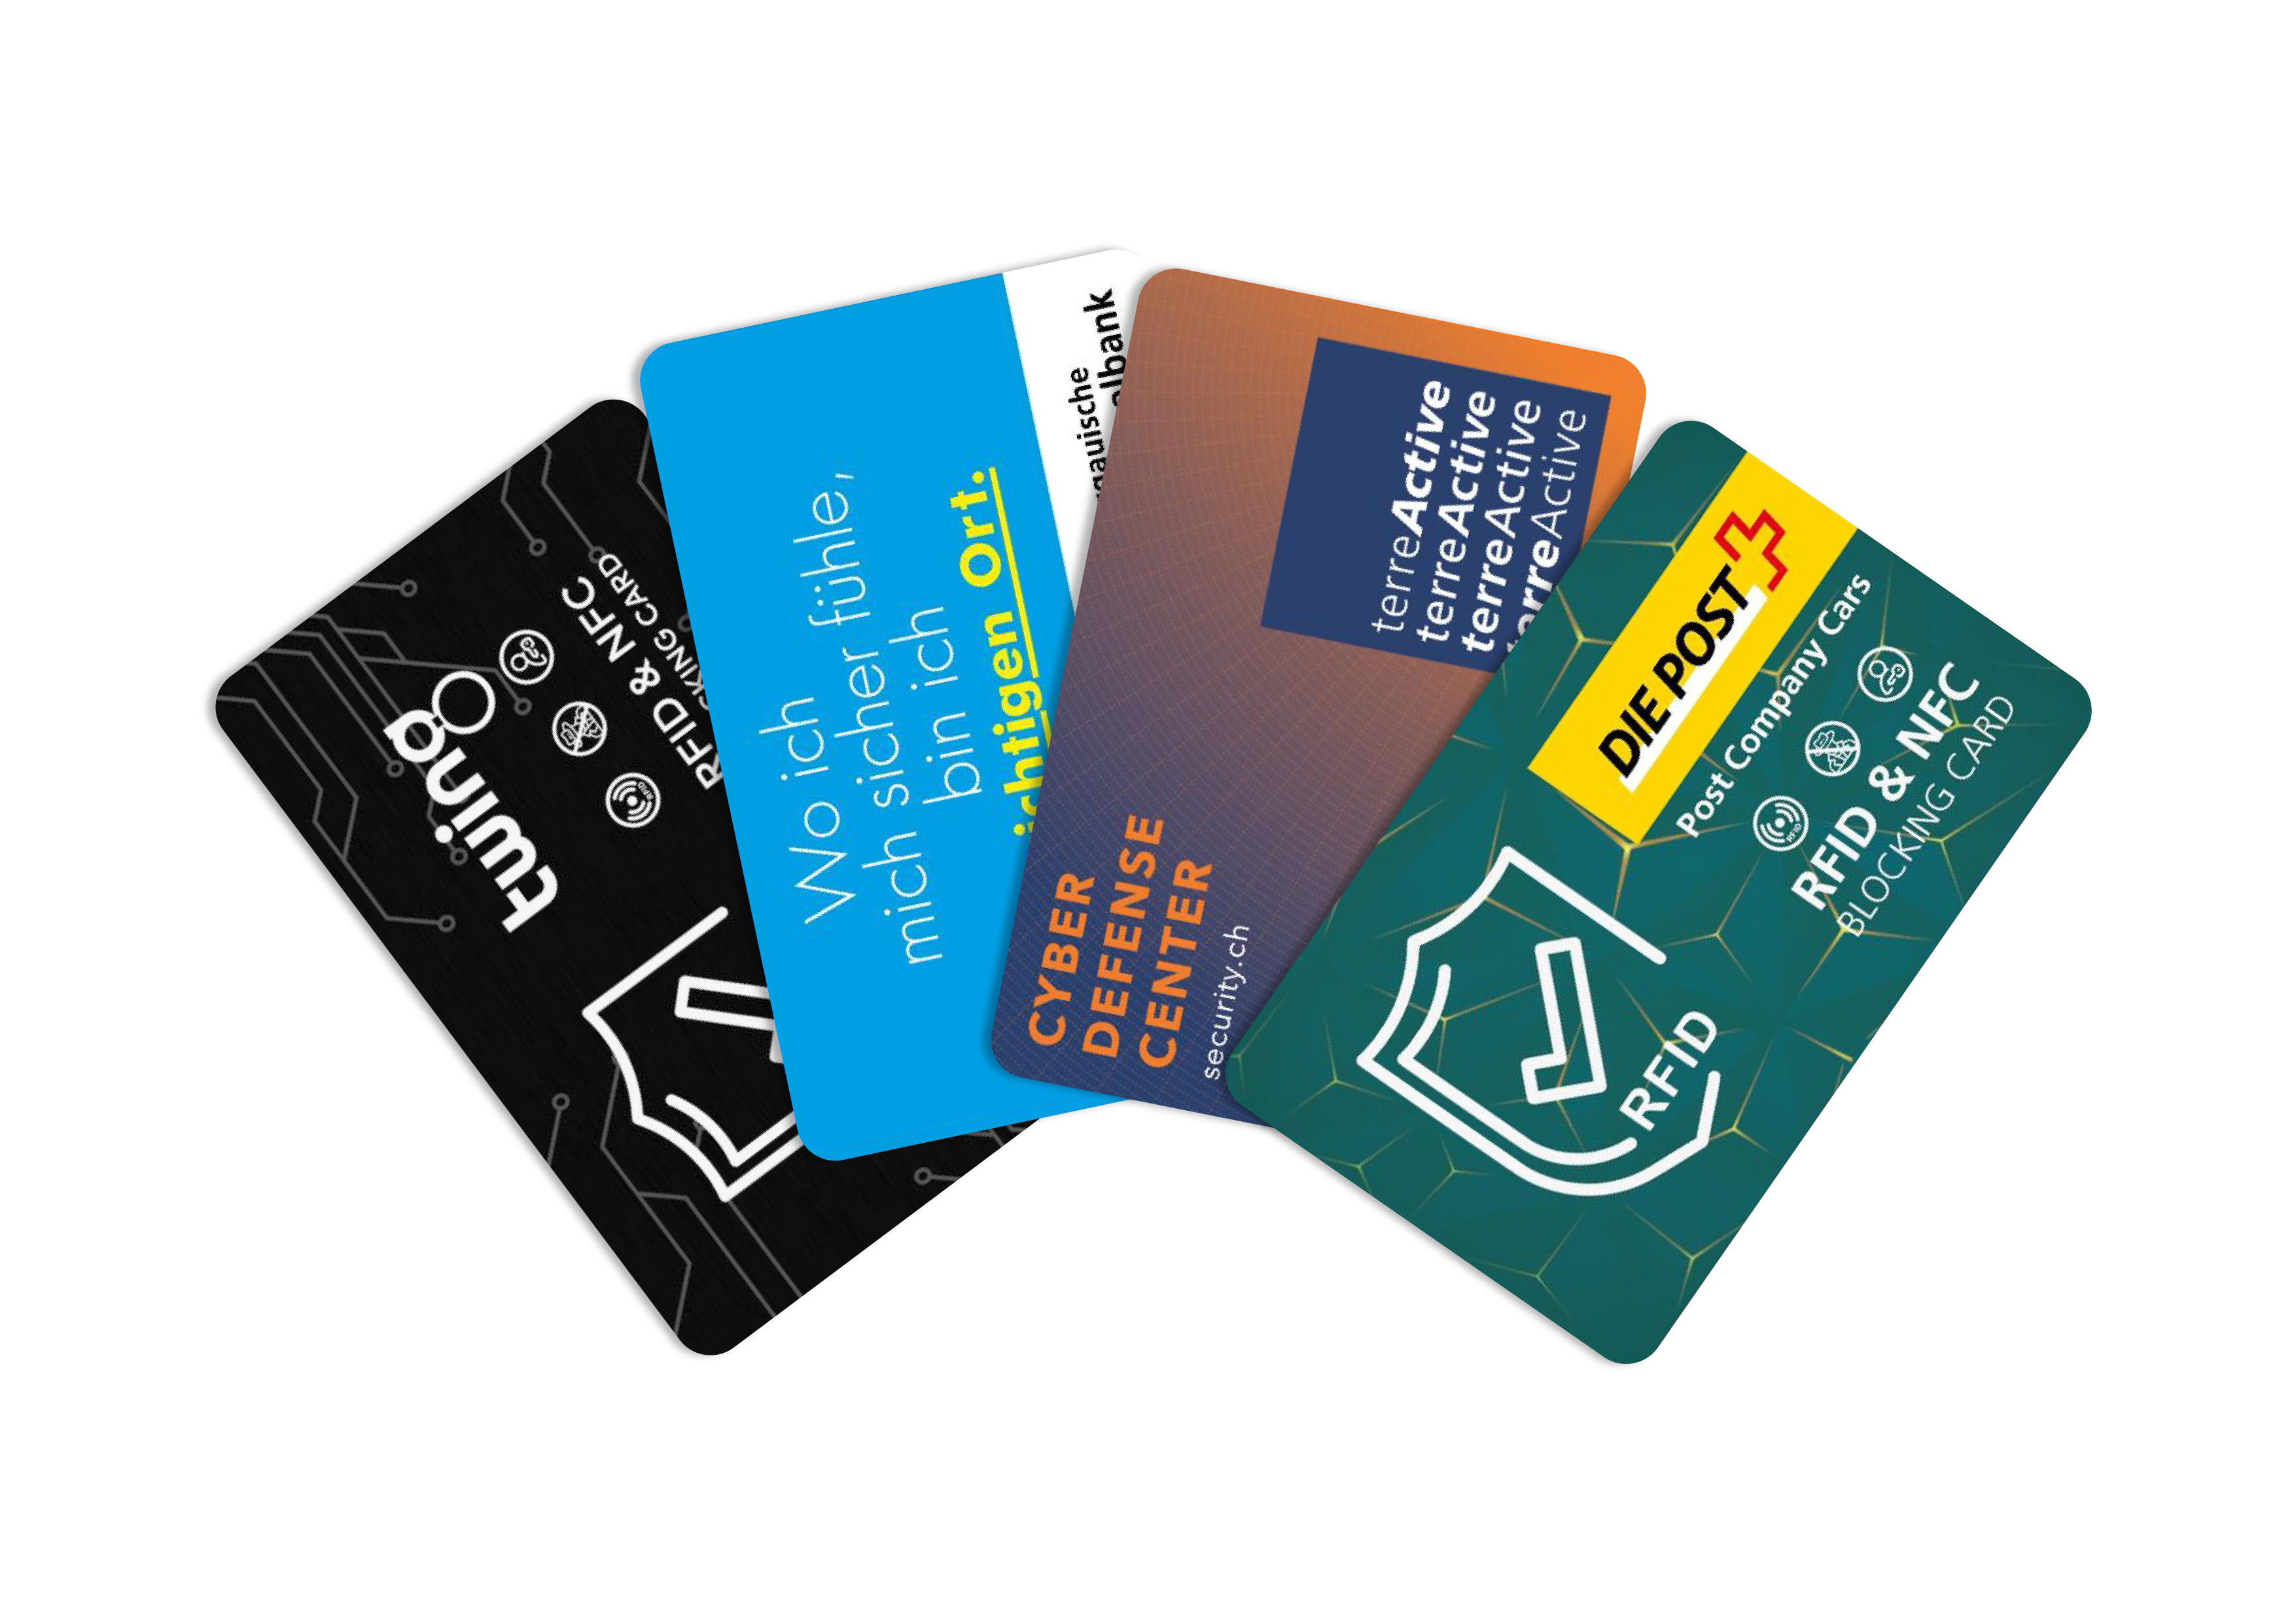 twing rfid blocker karte als innovativer werbeartikel - kundenbeispiele schutzkarte